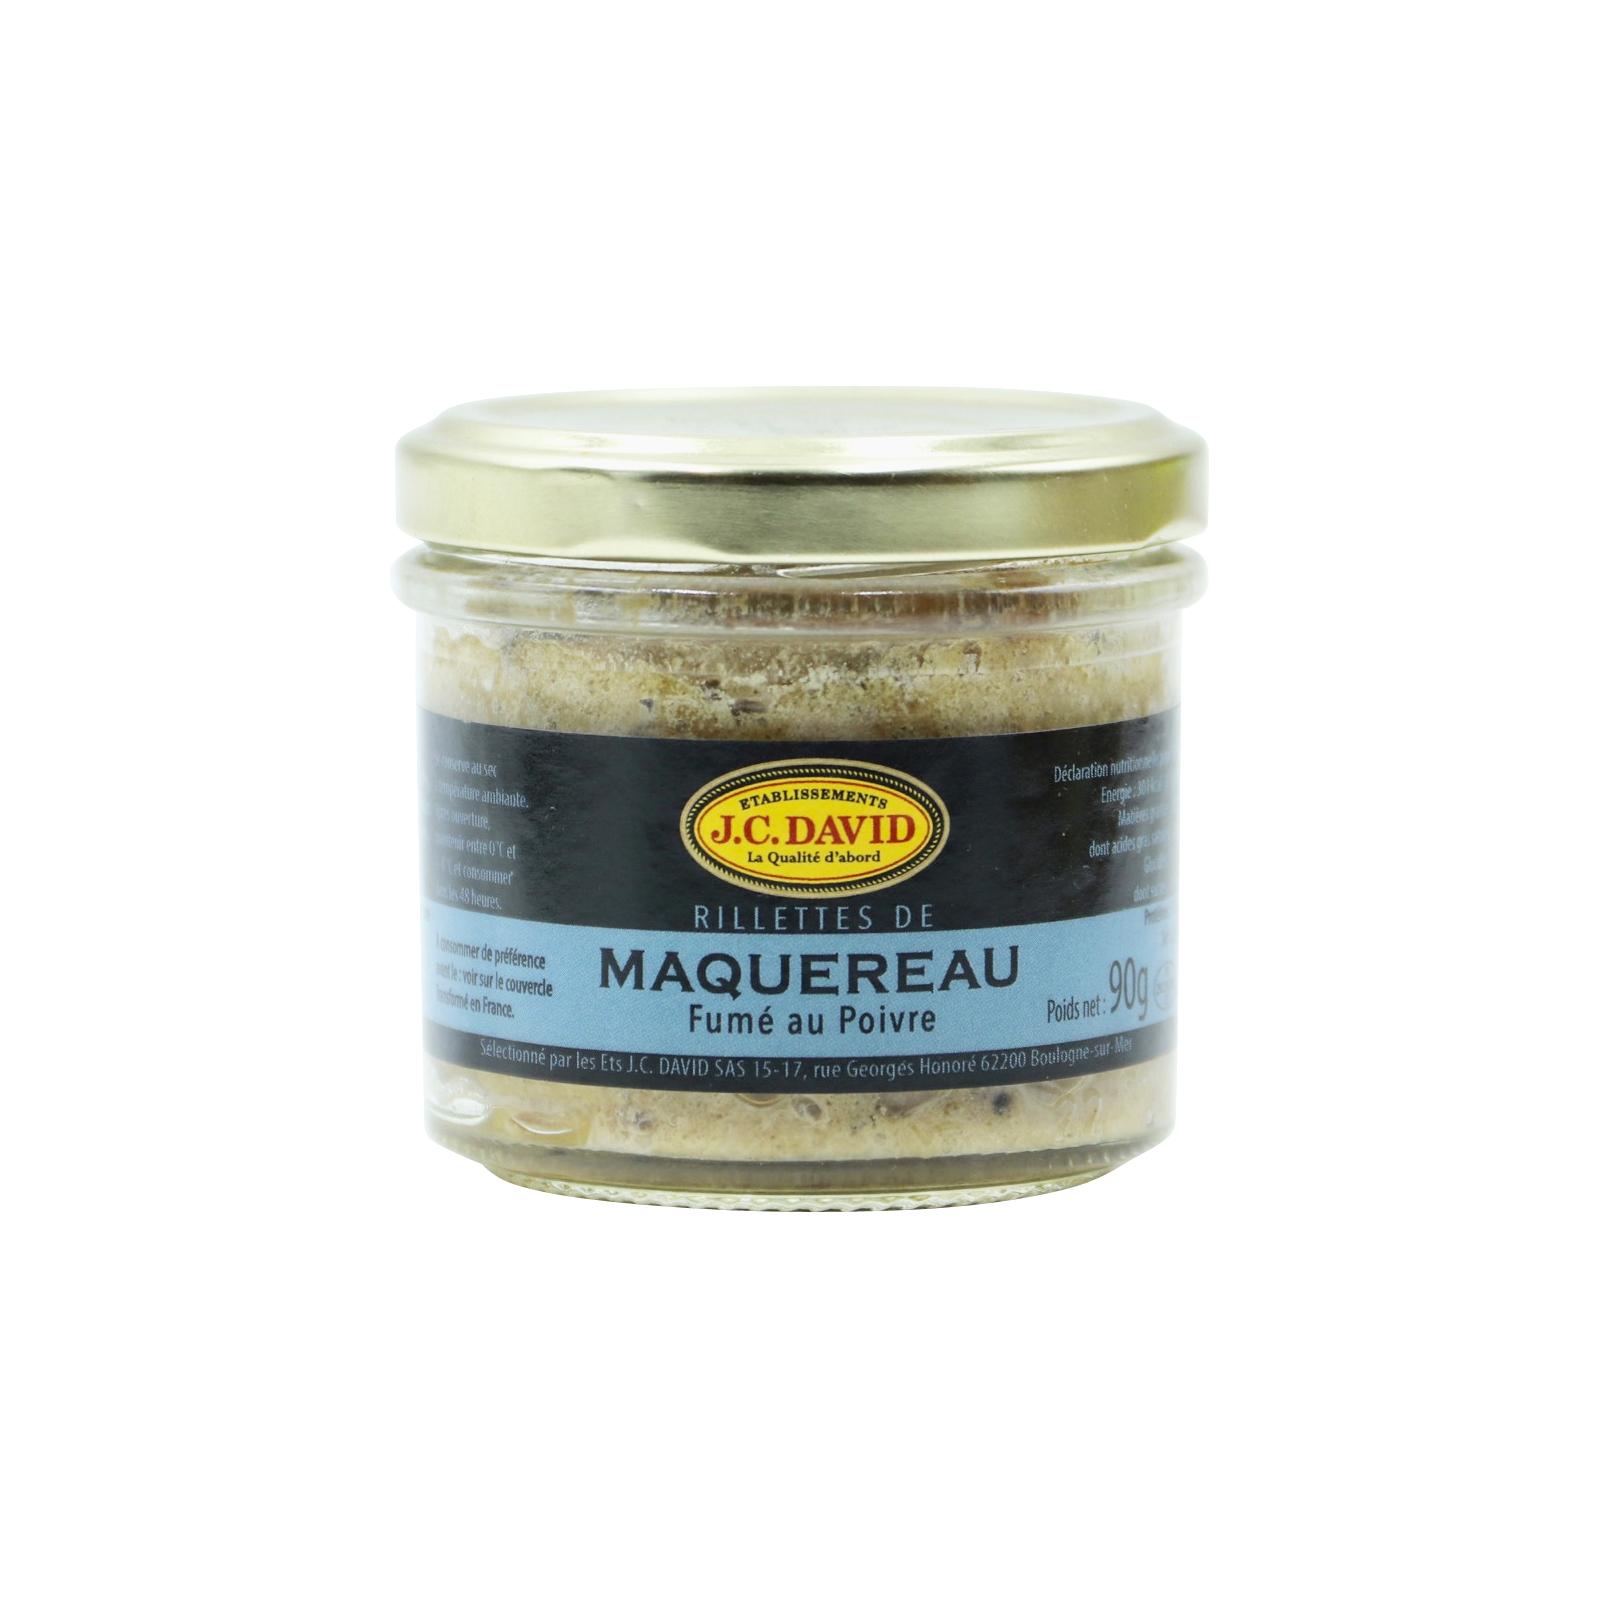 RILLETTES DE MAQUEREAU 60 % - 90 g